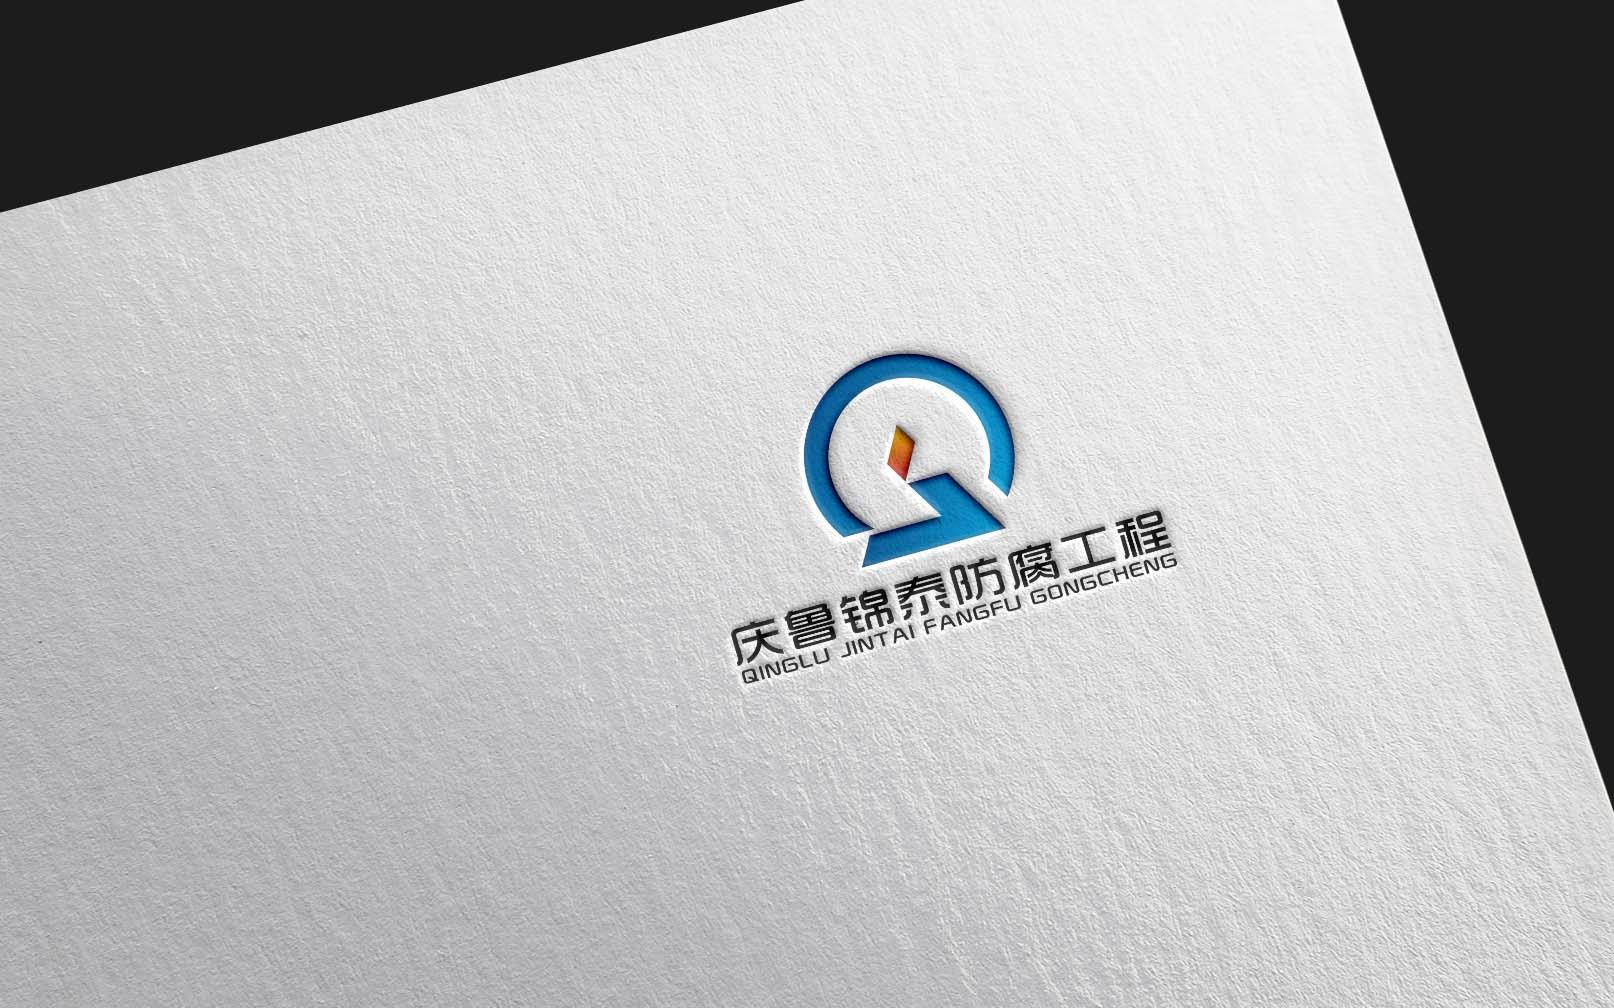 防腐科技公司LOGO设计_3032747_k68威客网